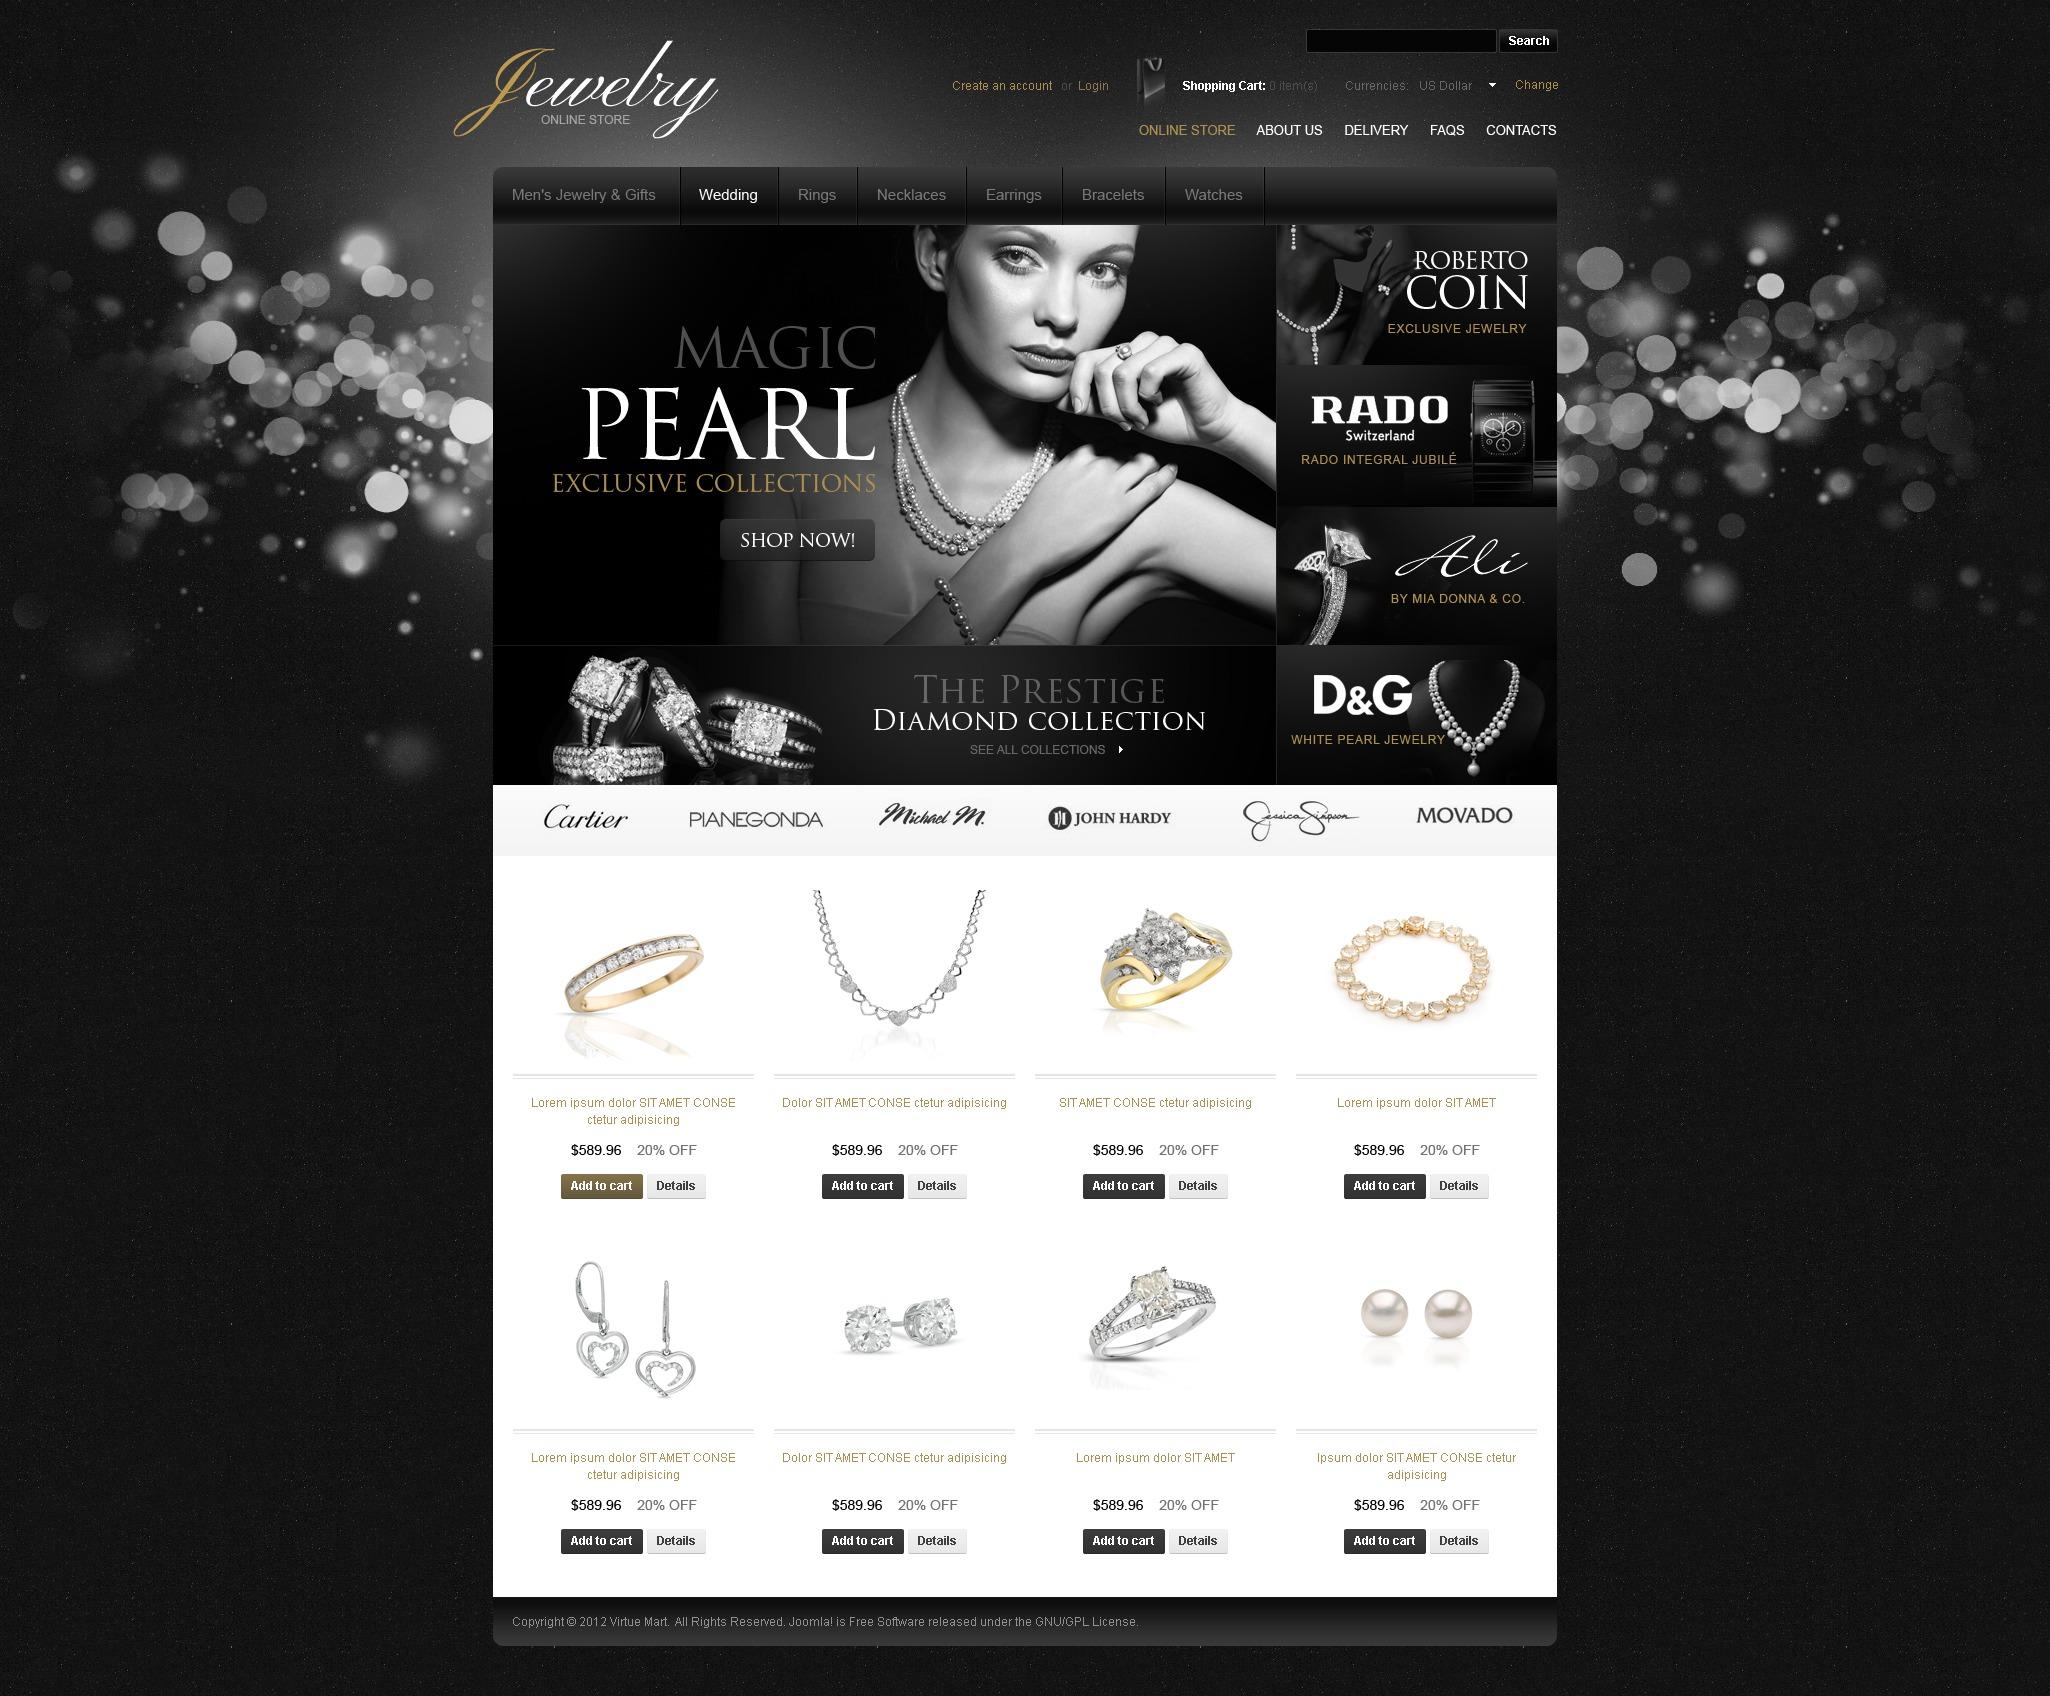 Szablon VirtueMart Dazzling Jewelry #39020 - zrzut ekranu